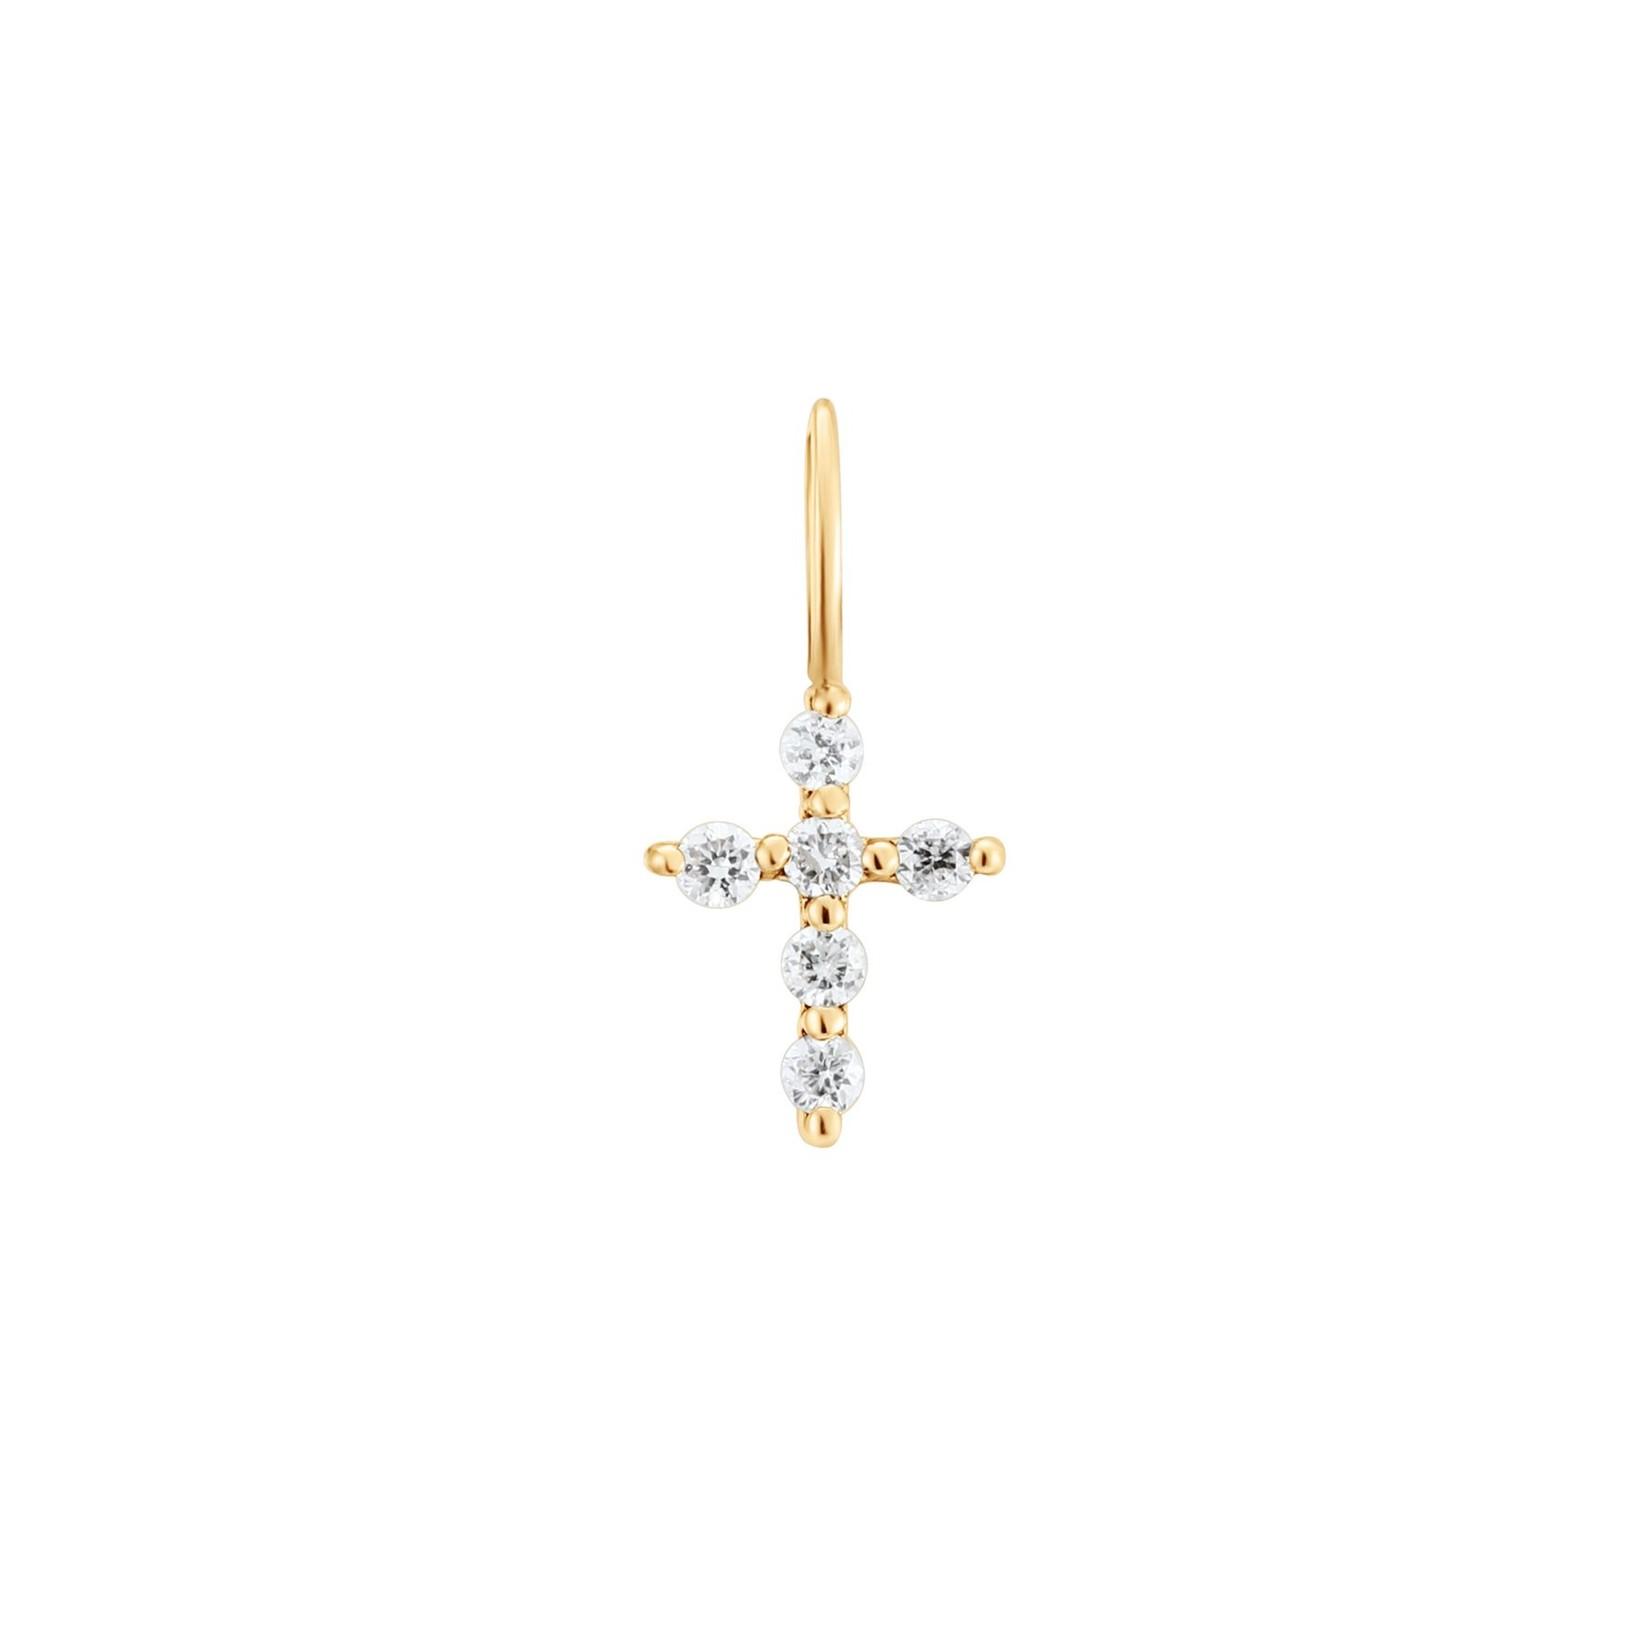 Aurelie Gi Grace Diamond Cross Charm